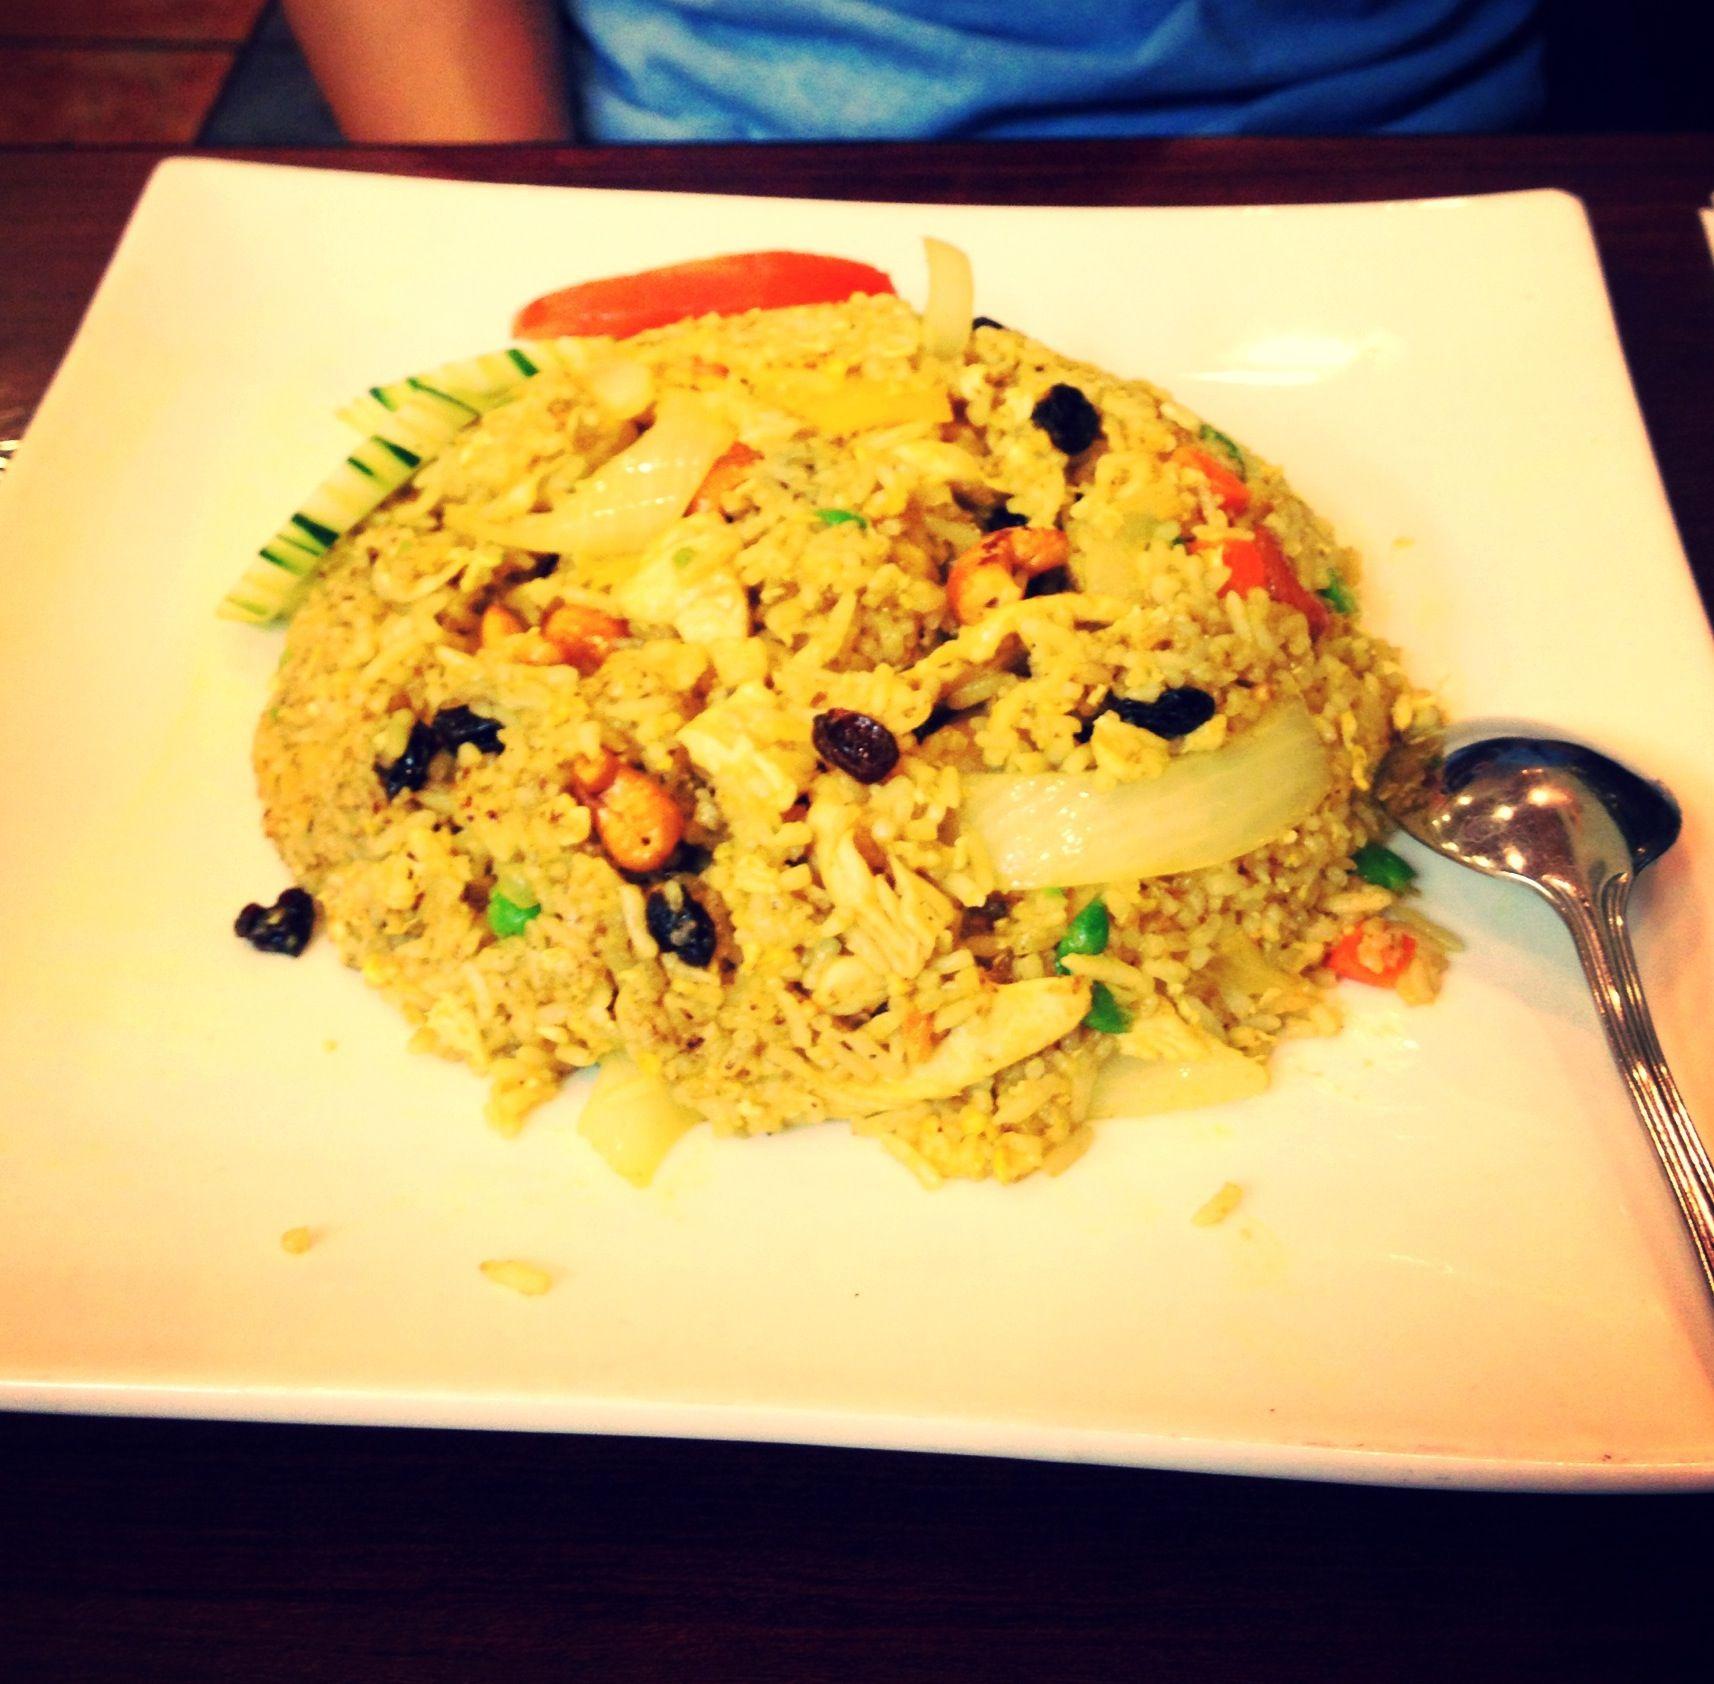 Thai food: Pineapple Fried Rice